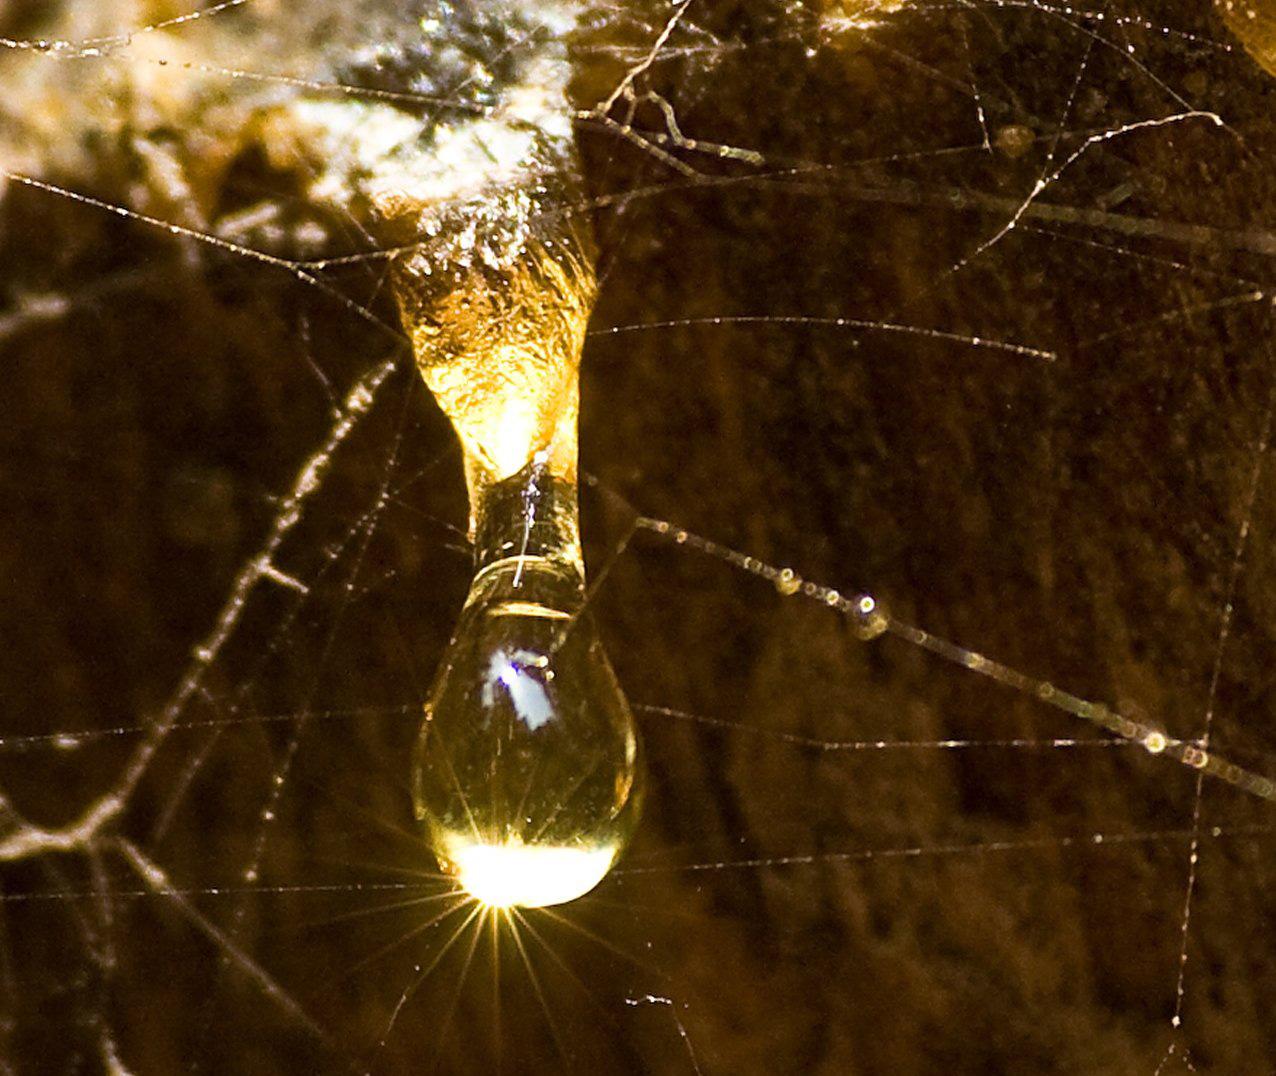 un  u2018atajo u2019 experimental mide la viscosidad de los vidrios en minutos en lugar de en milenios